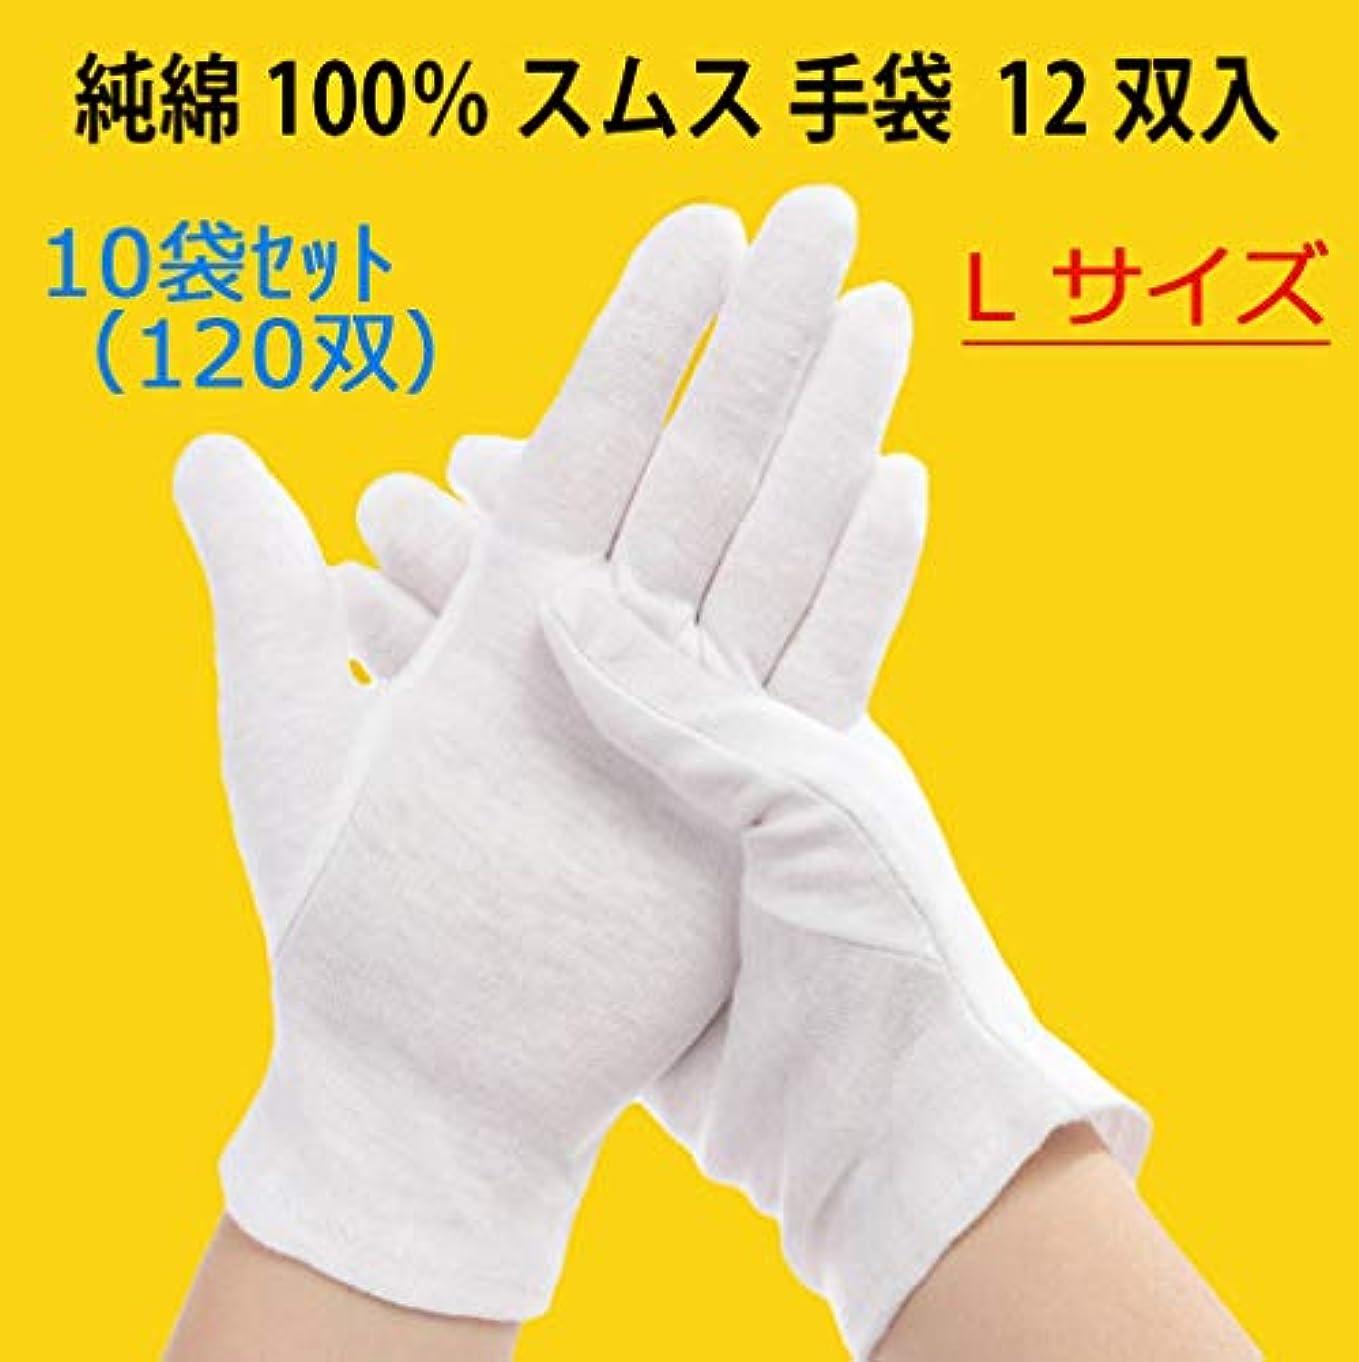 しがみつく泥棒弱い純綿 100% スムス 手袋 Lサイズ 12双×10袋セット